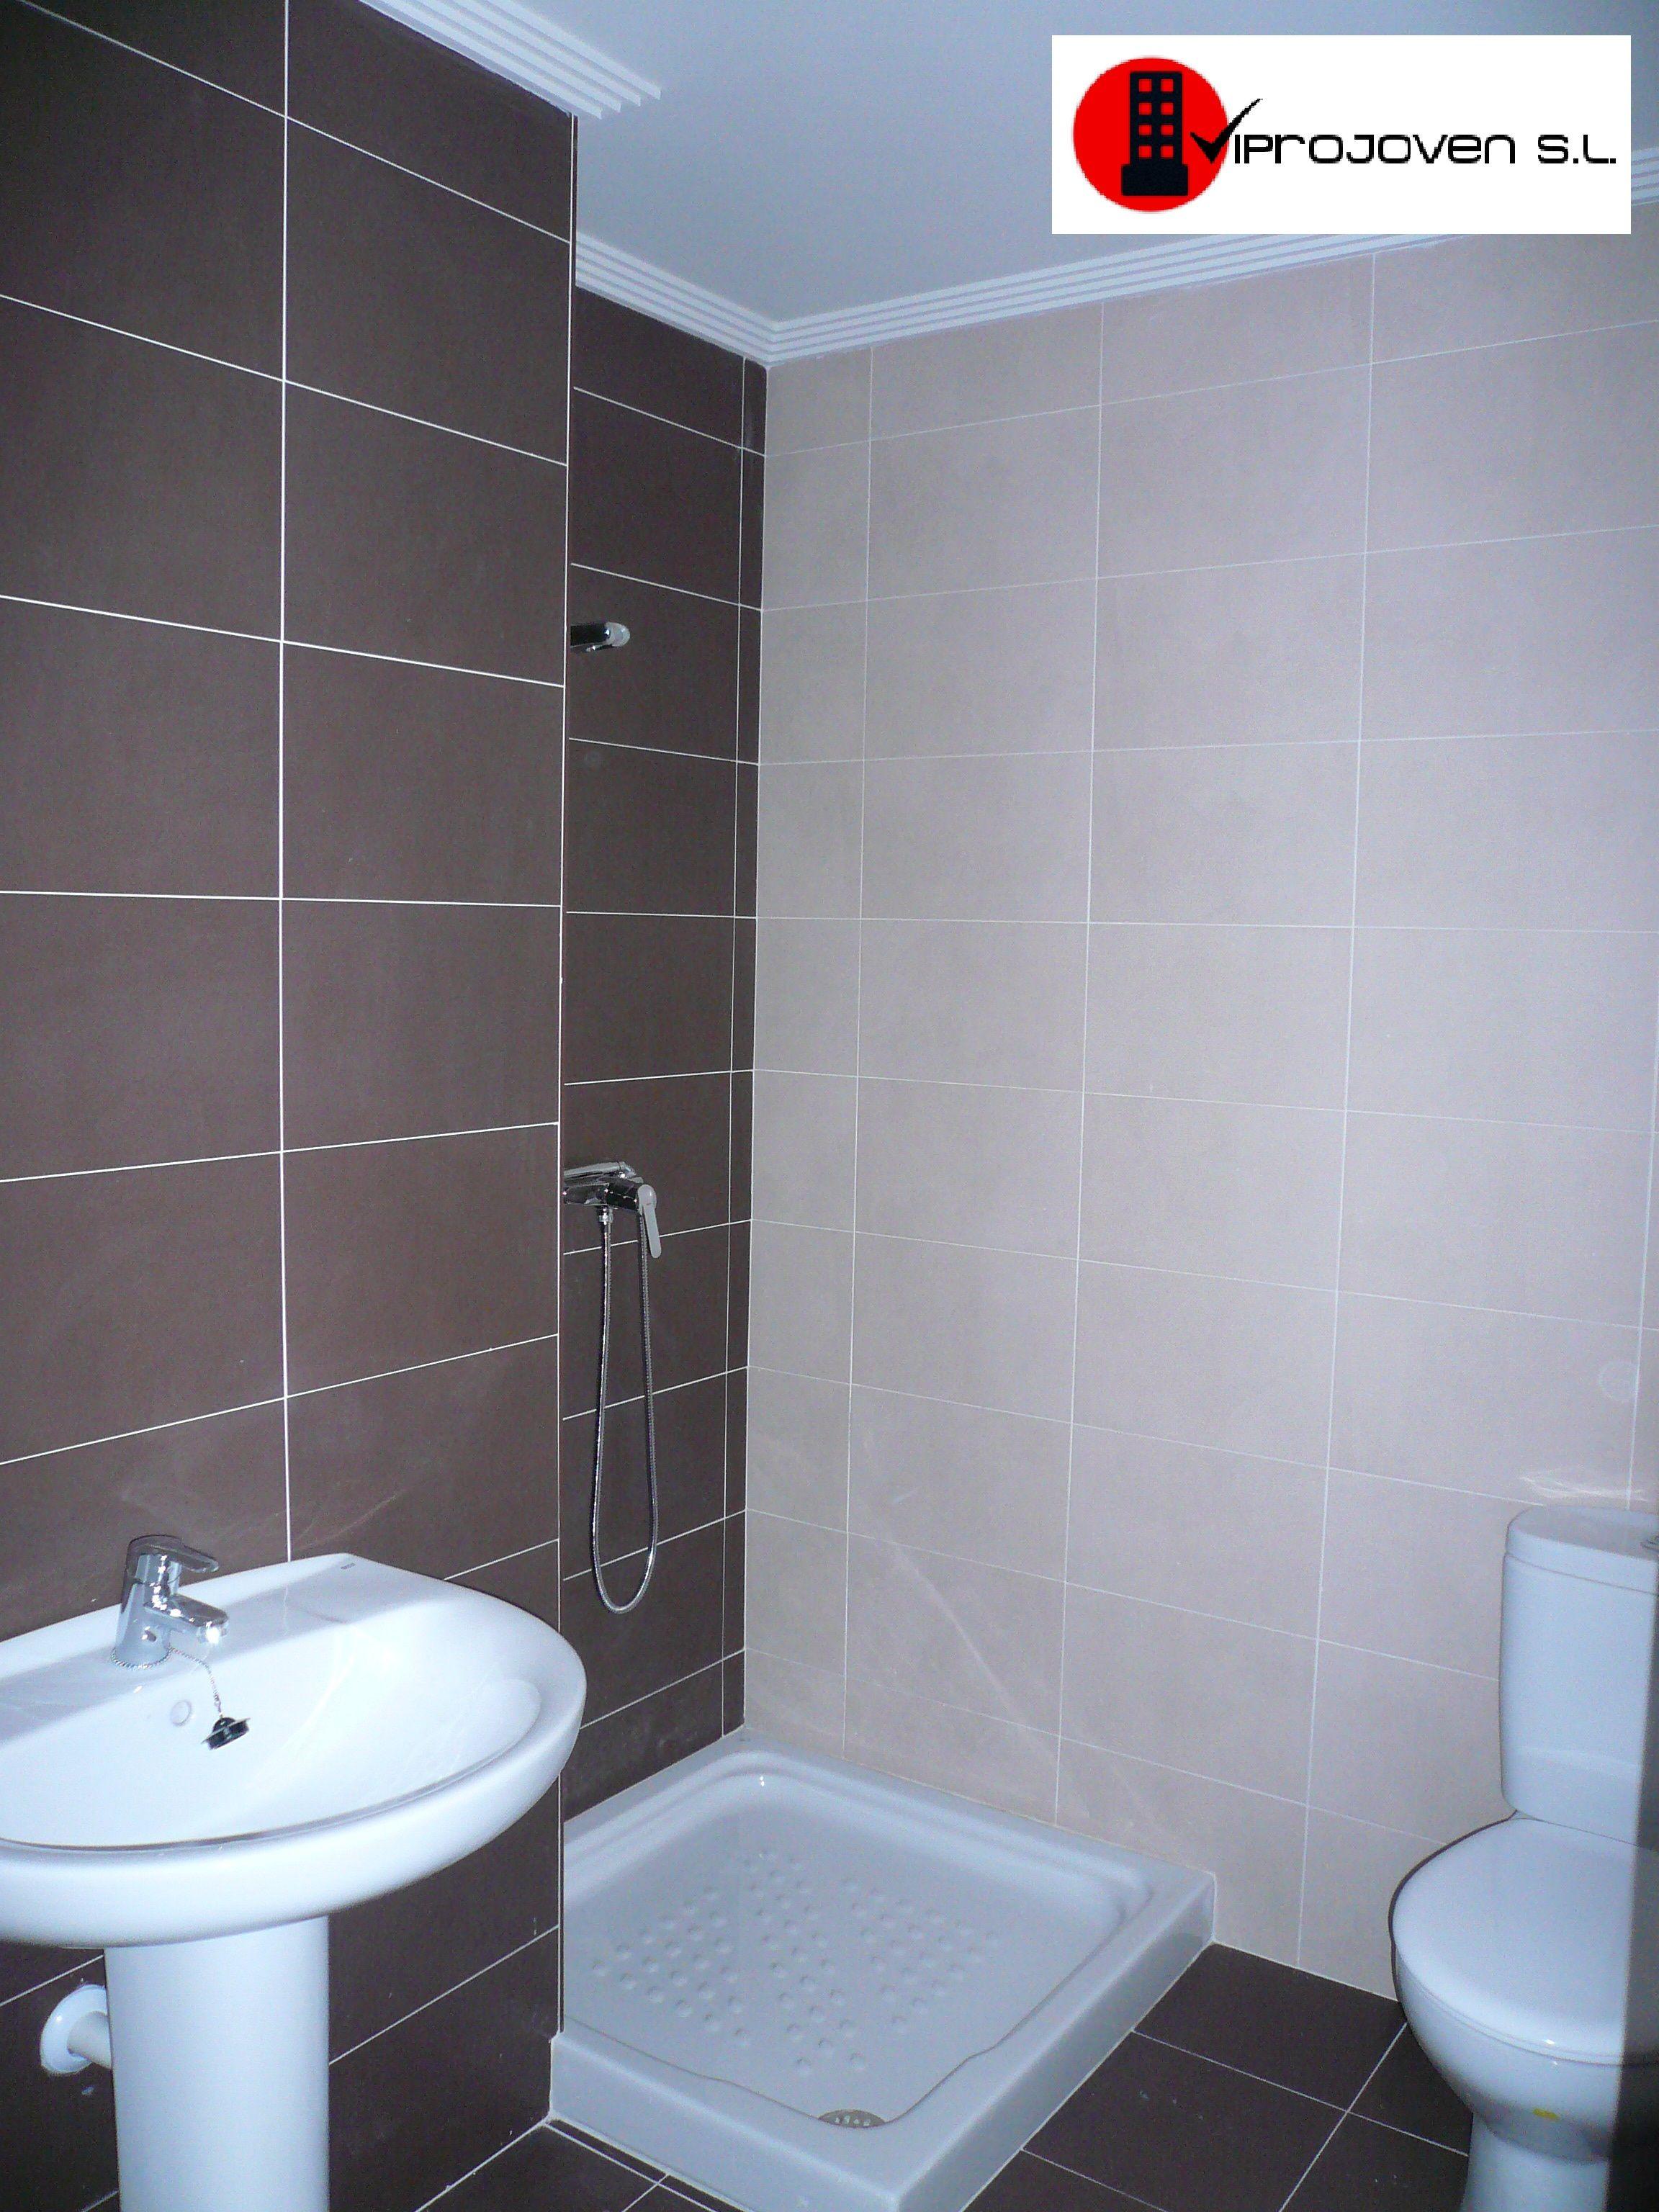 El ba o esta dise ado en color chocolate y beige que le da un toque muy actual 1 dormitorio - Que es un bano de color ...